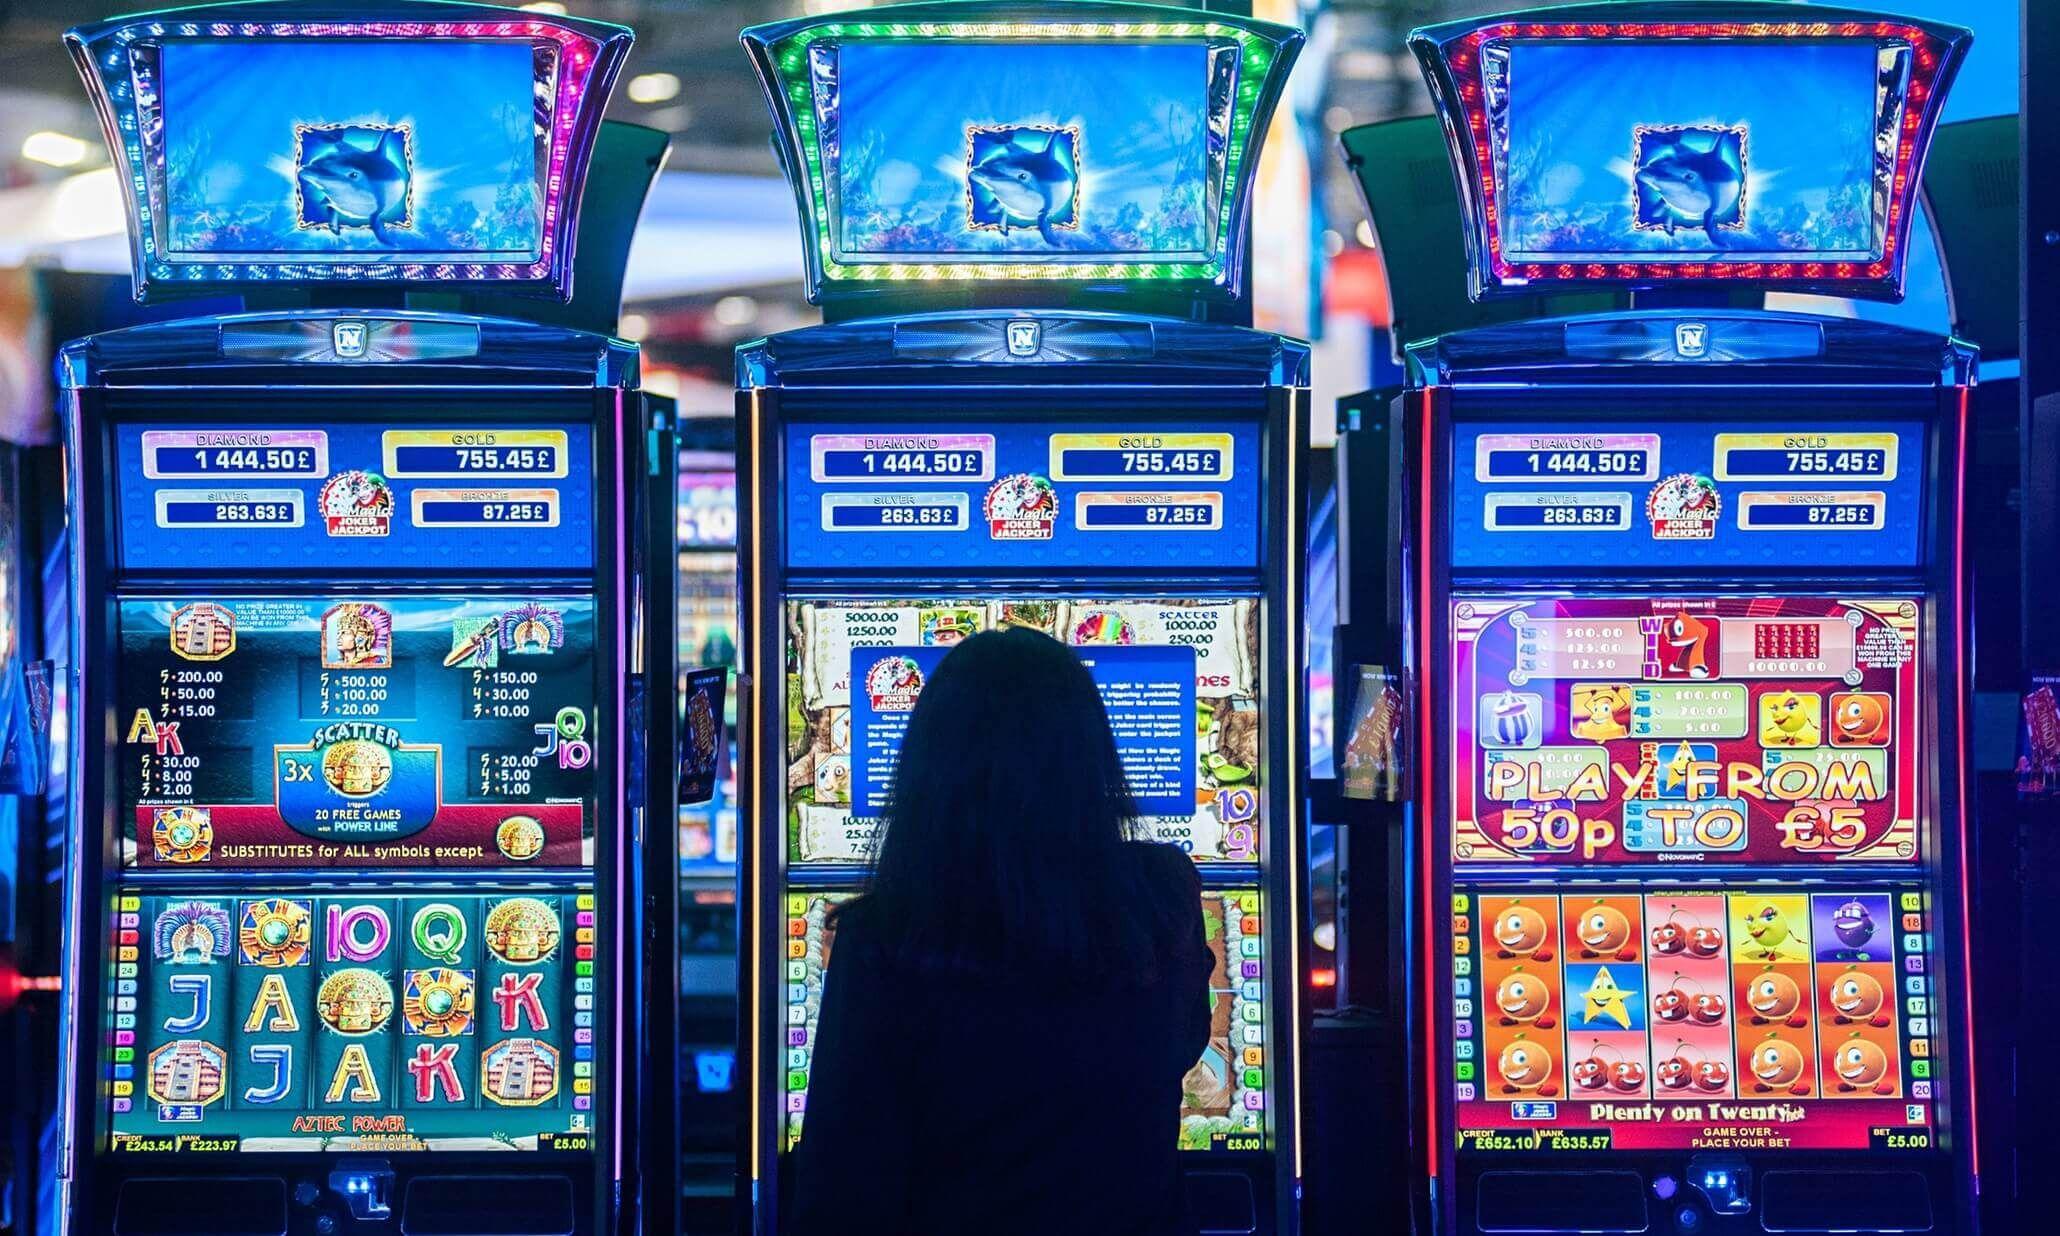 Как избавиться от игры казино вулкан игровые аппараты работа в мурманске